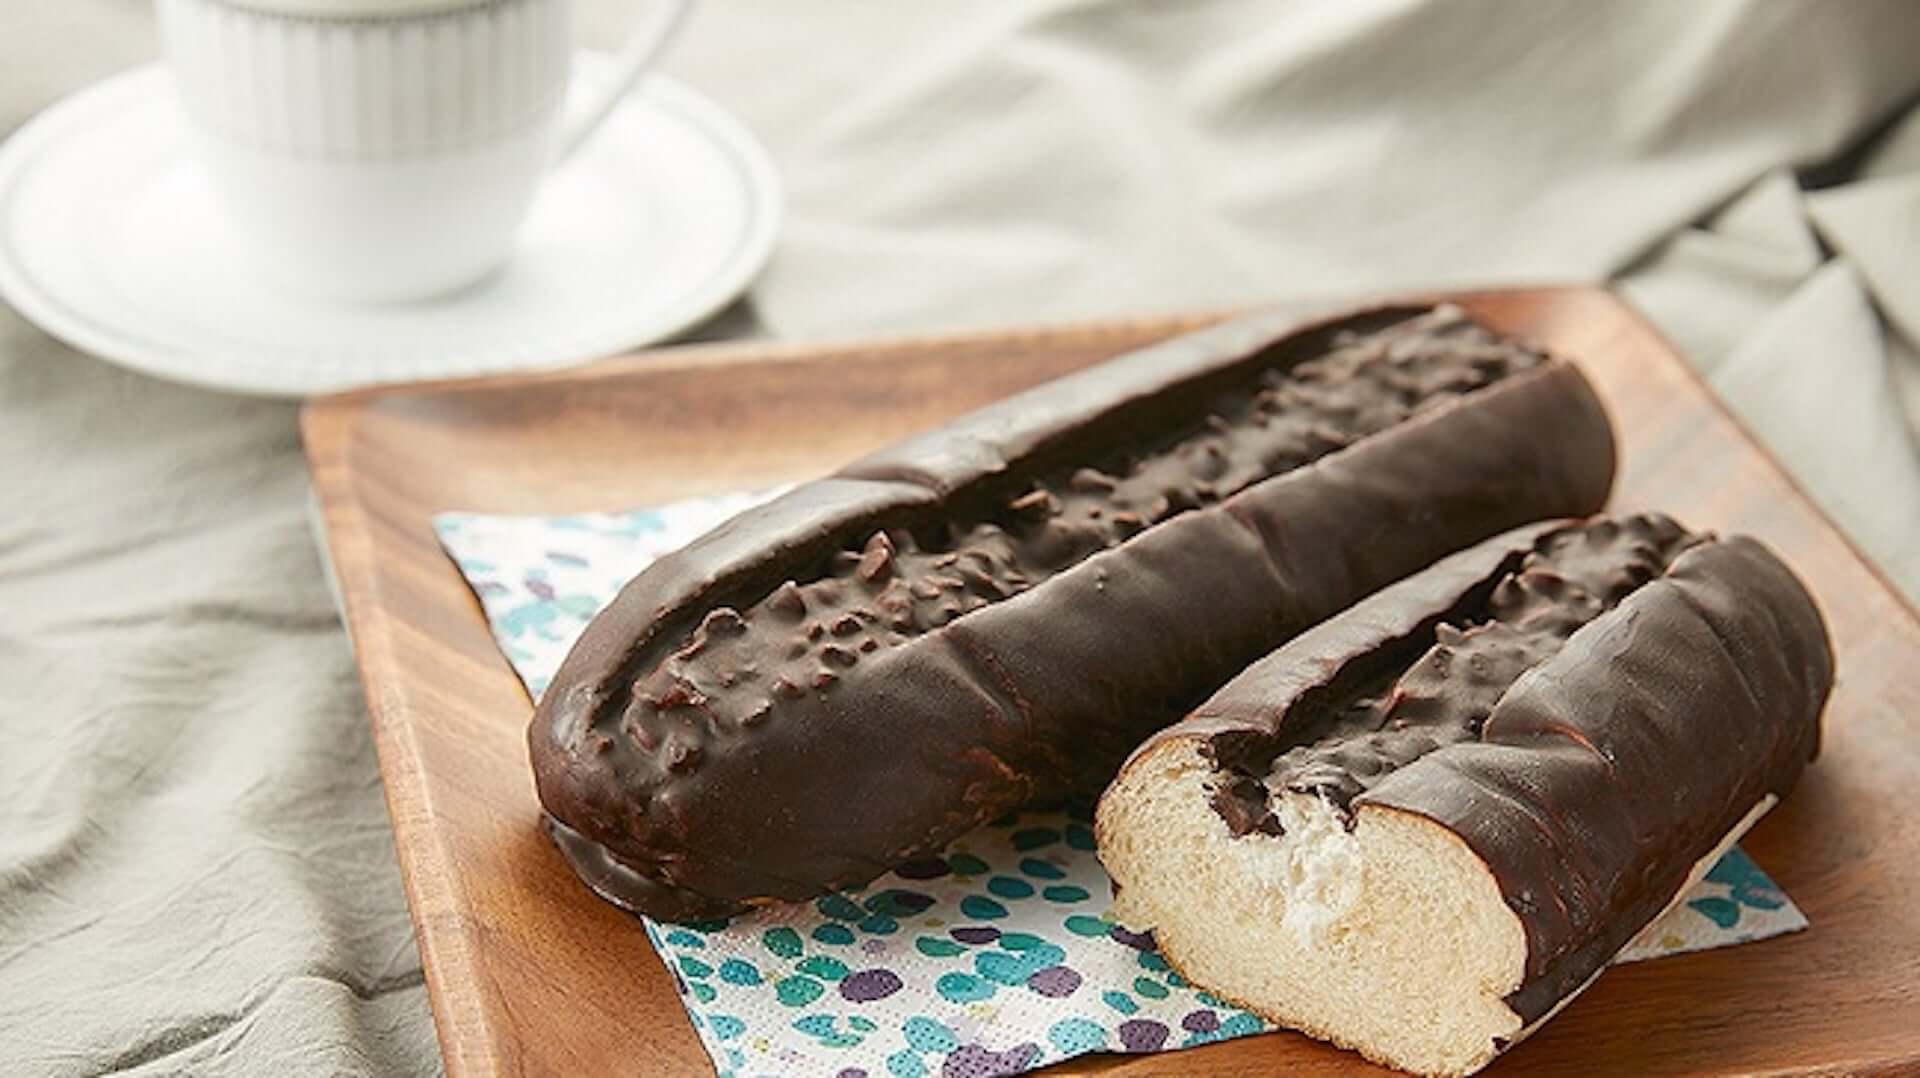 食欲の秋にぴったりなパンがローソンストア100に続々登場!新商品『食パンの耳揚げちゃいました』や『コロッケ山脈』などが10月より発売 gourmet201001_lawsonstore100_5-1920x1078